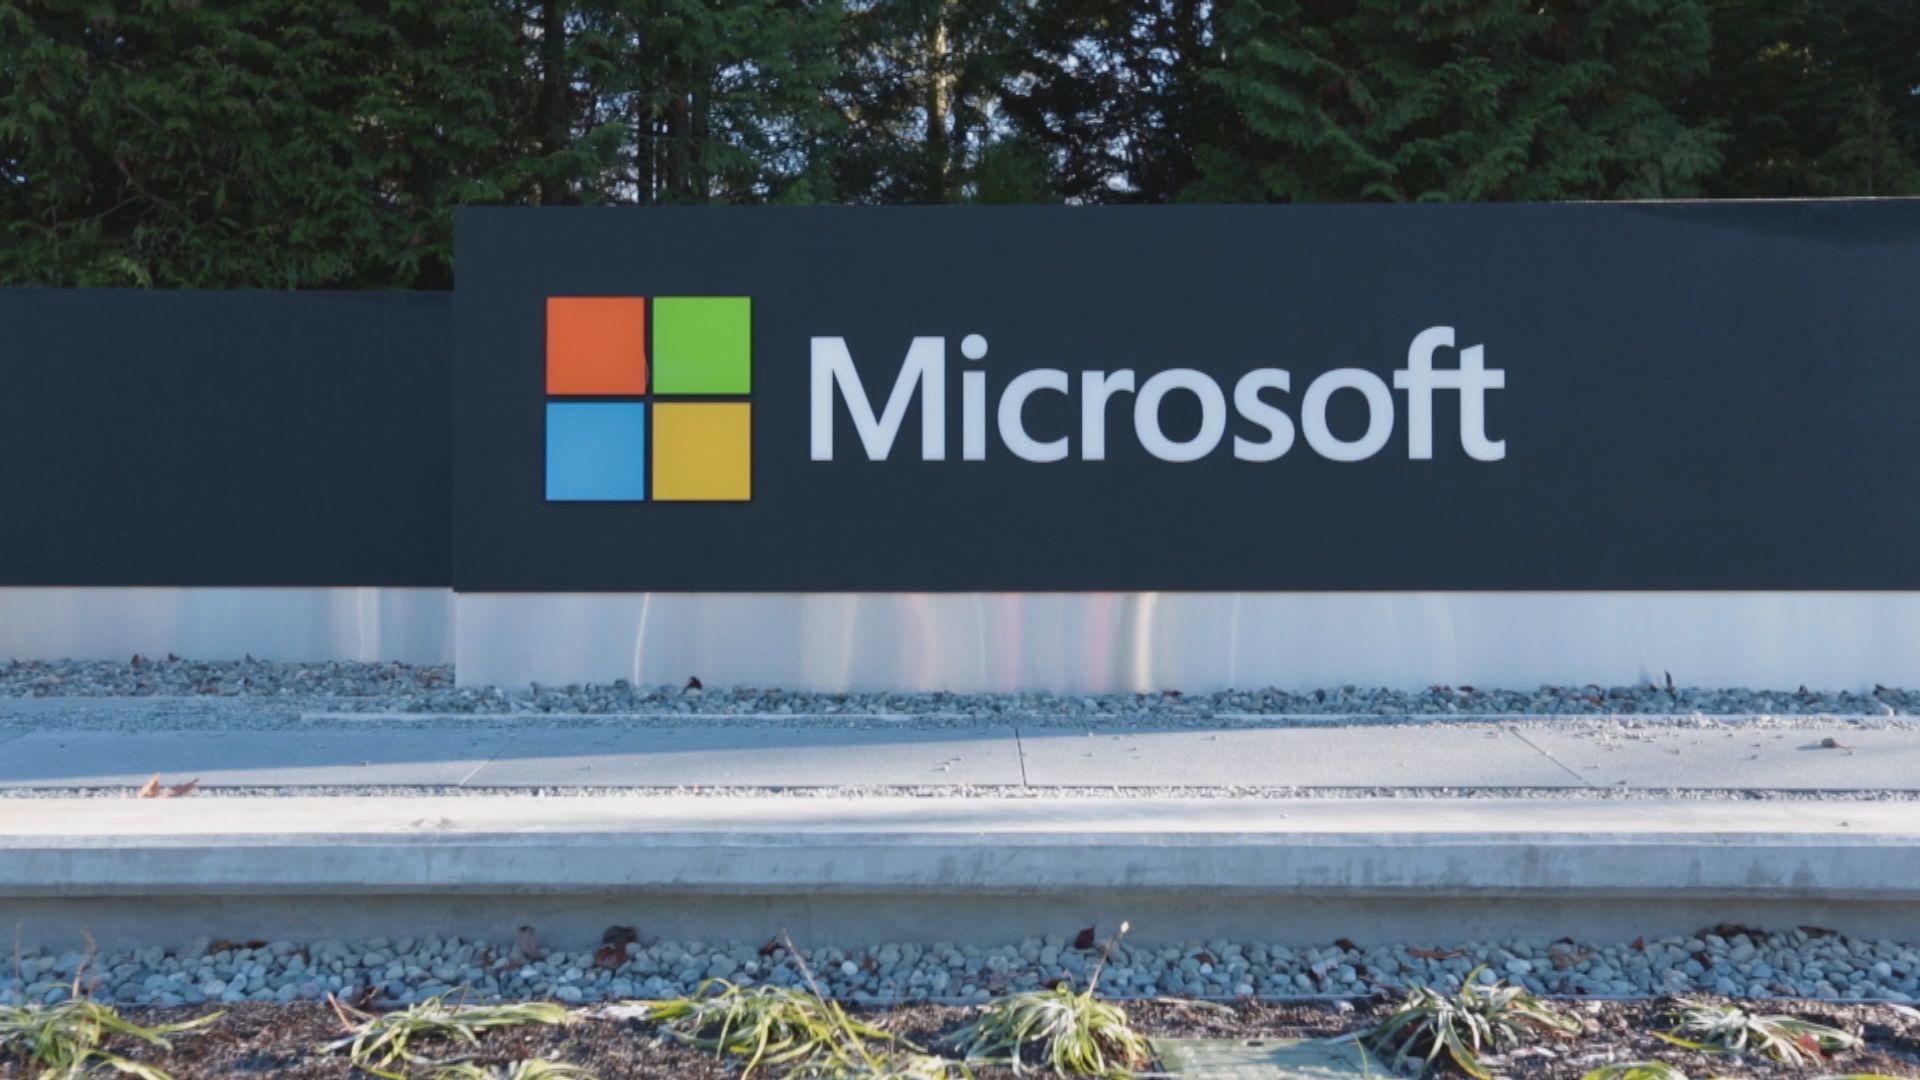 微軟擊敗亞馬遜獲五角大樓雲端服務合約